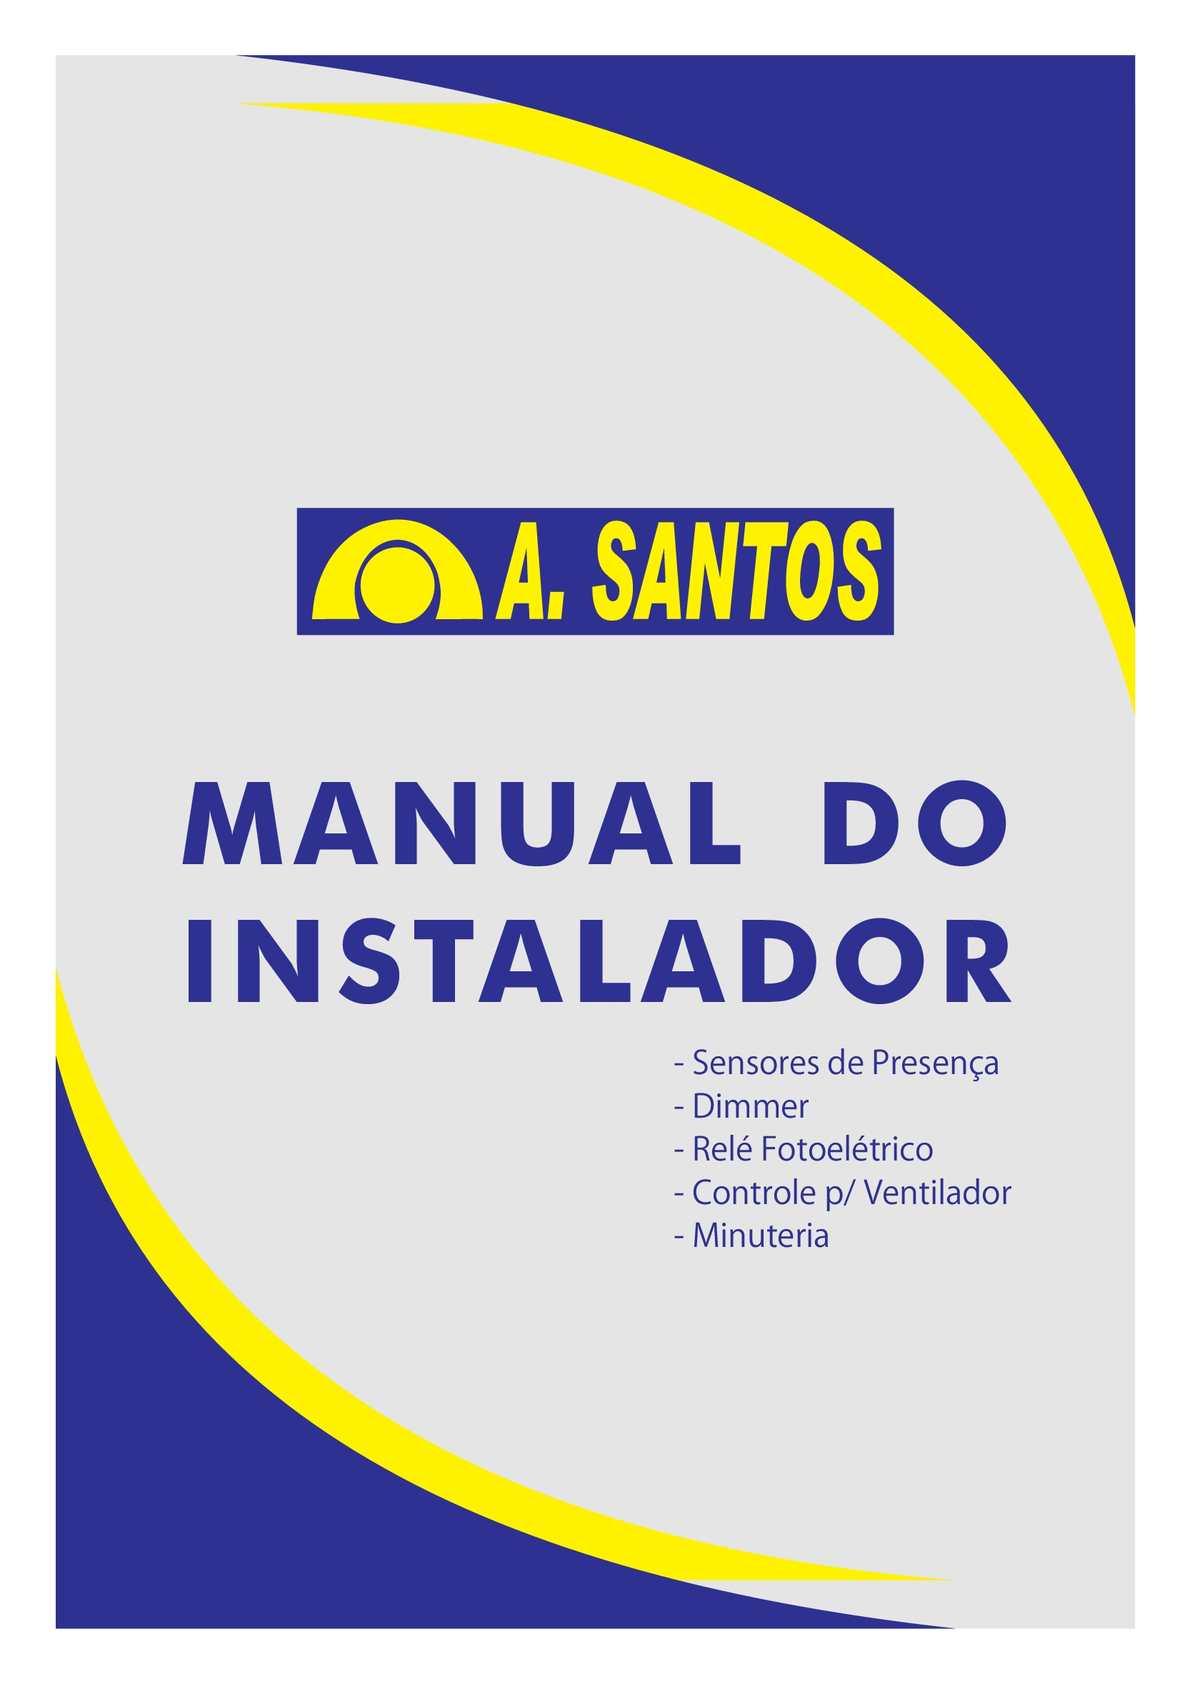 Manual do Instalador